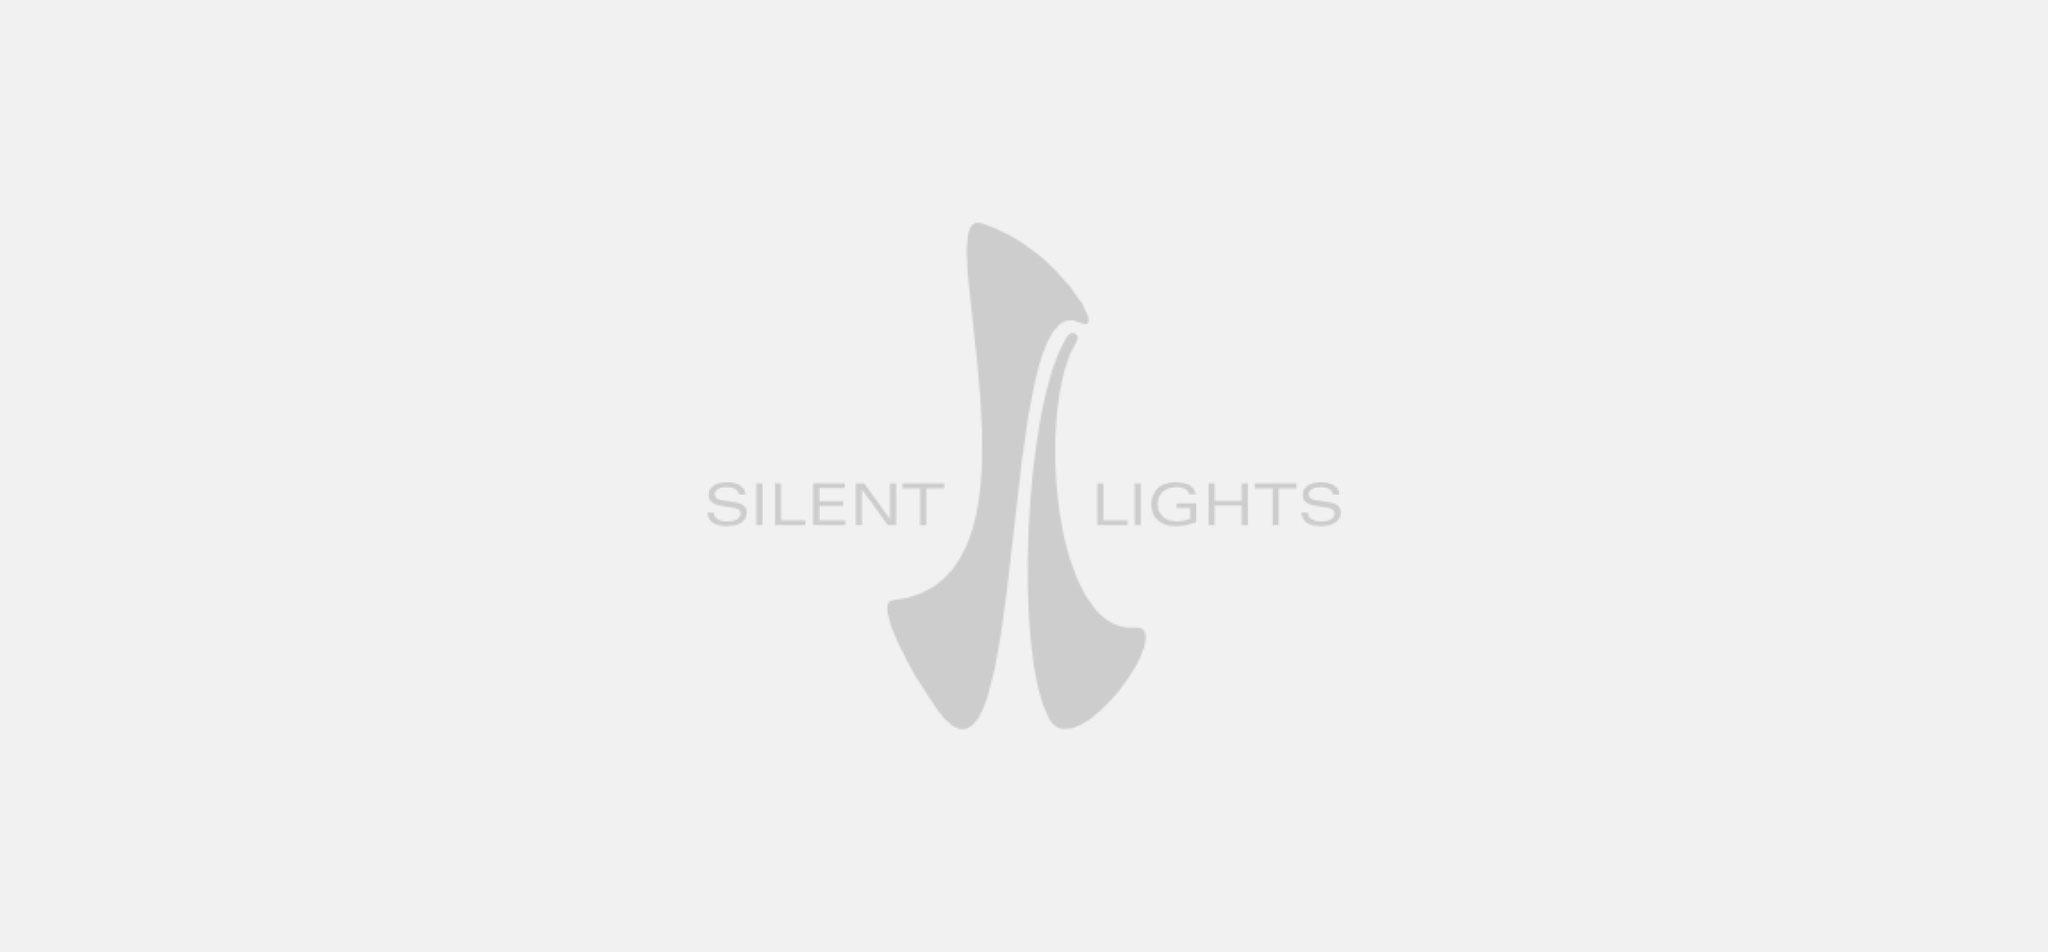 JAN BEHRENS | logo silent lights, grauversion – infragrau, gute gestaltung